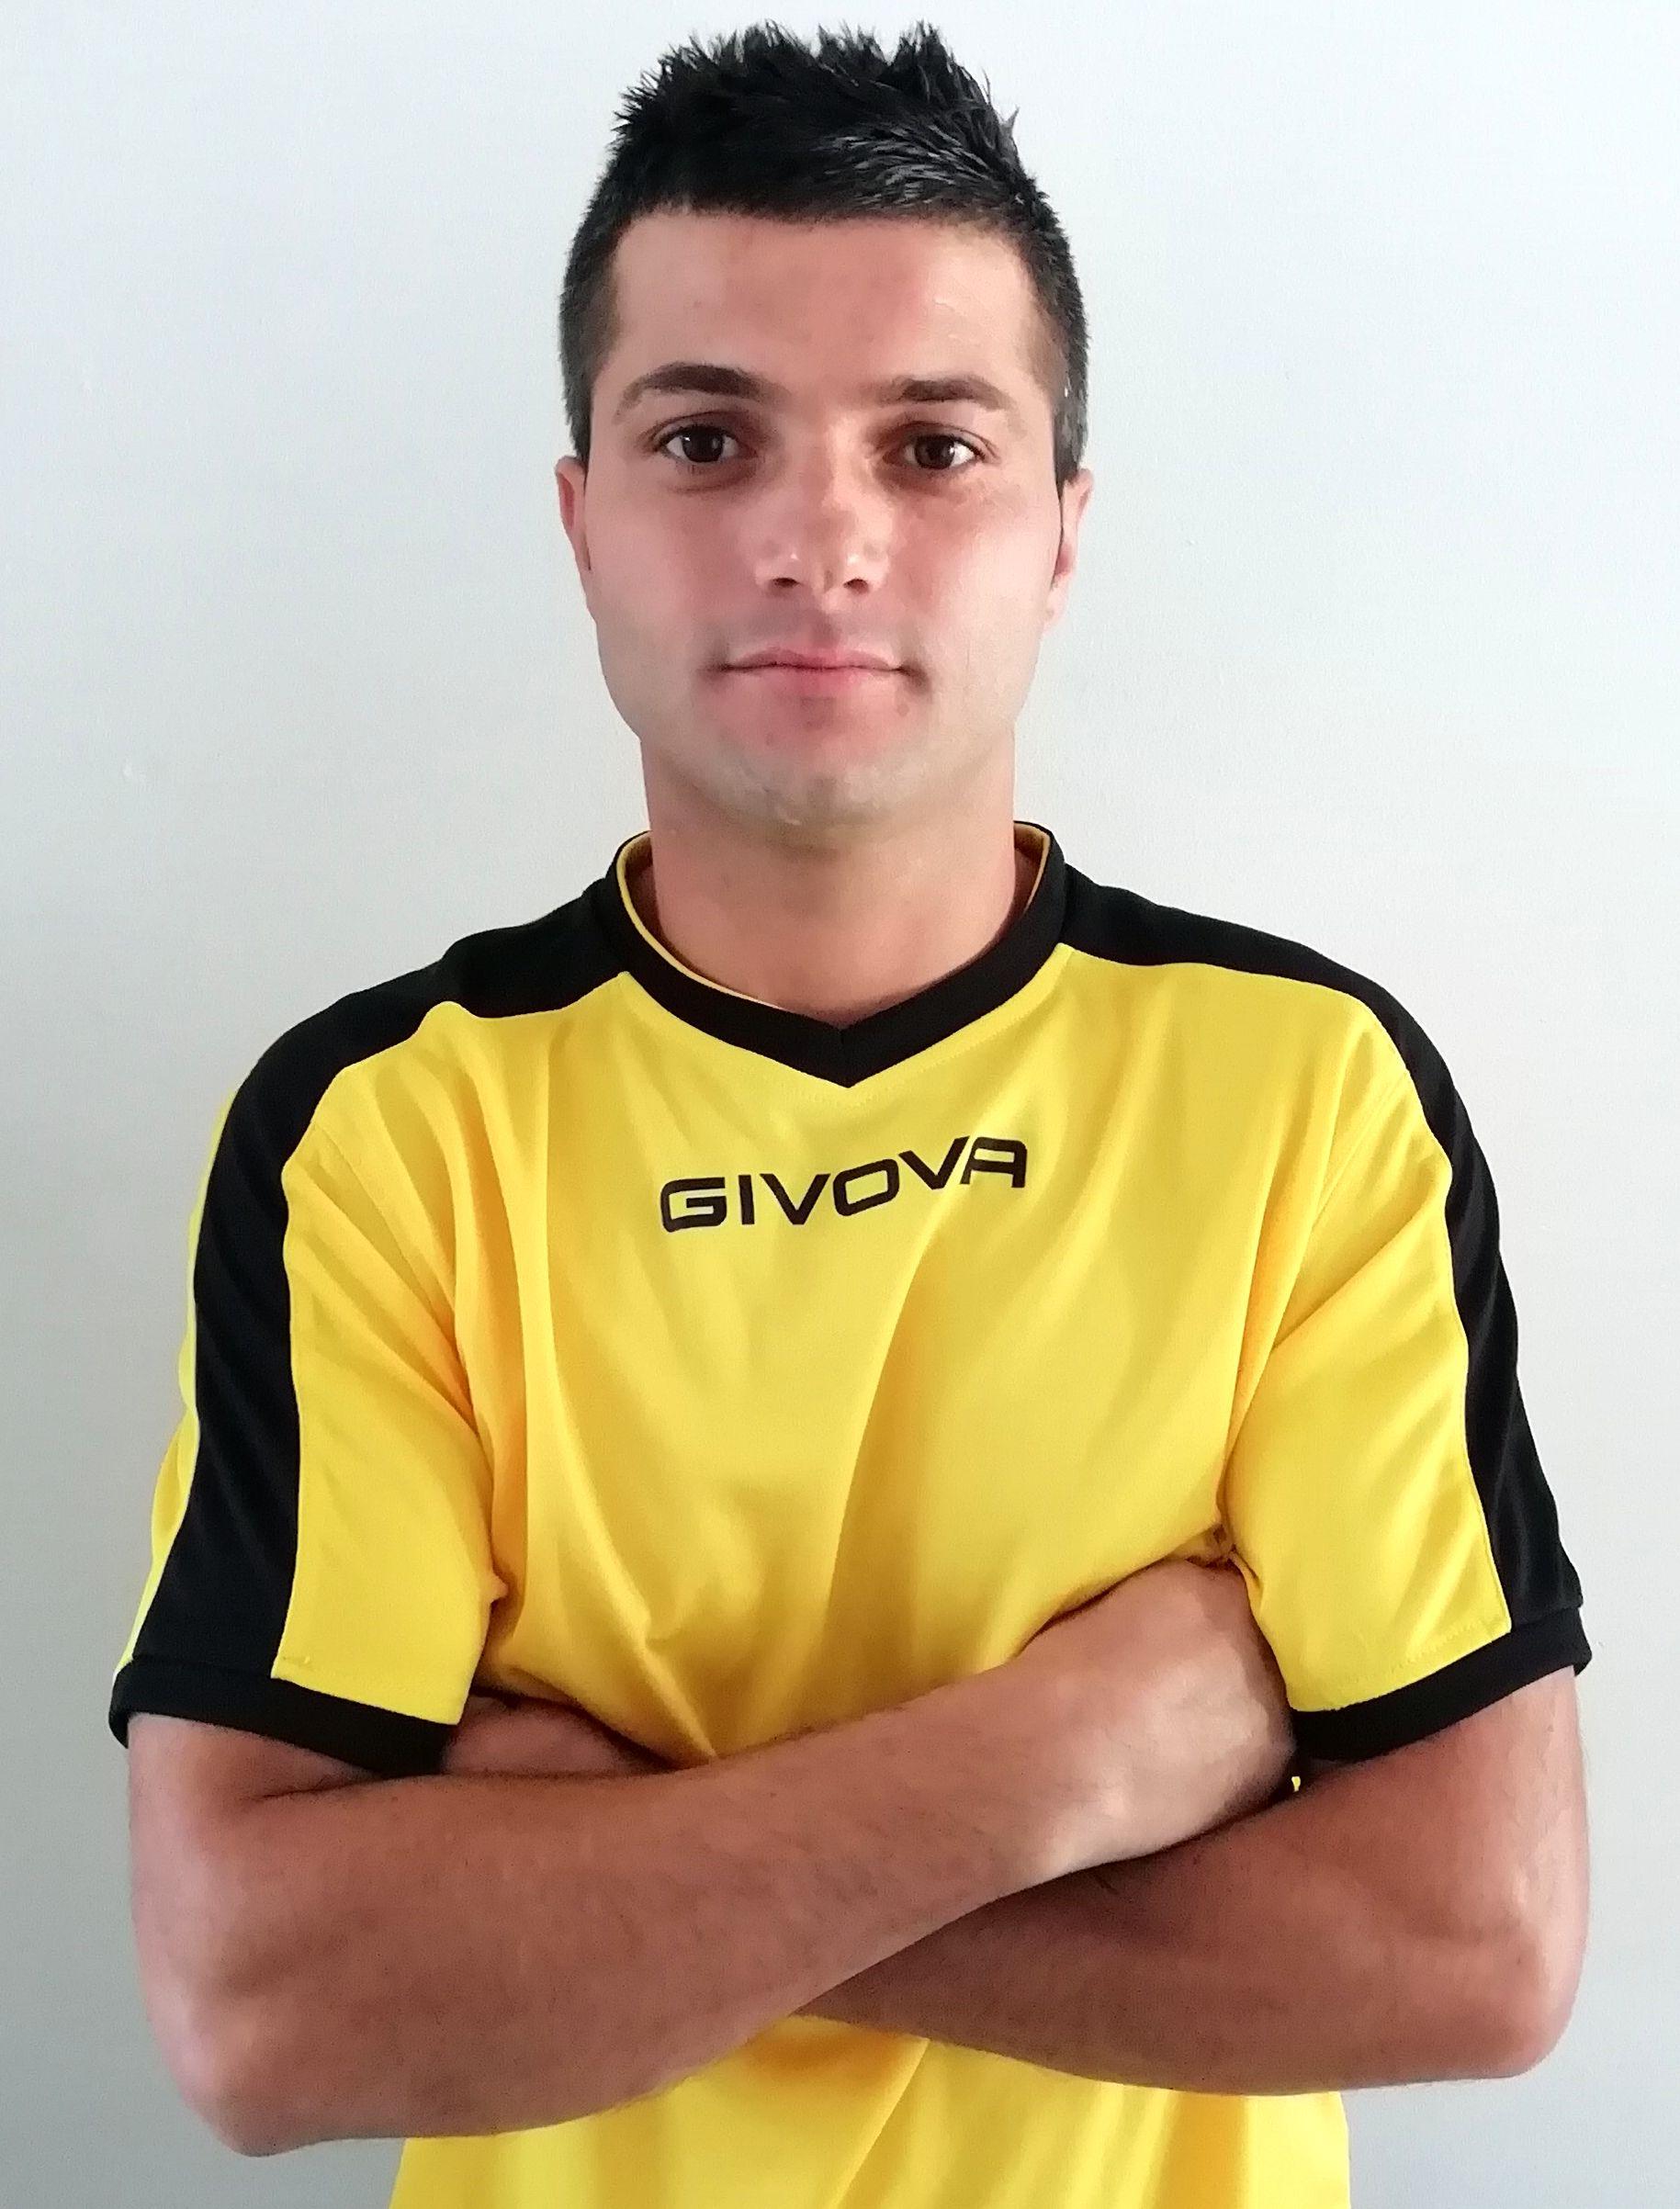 Nicolae Viorel Marian